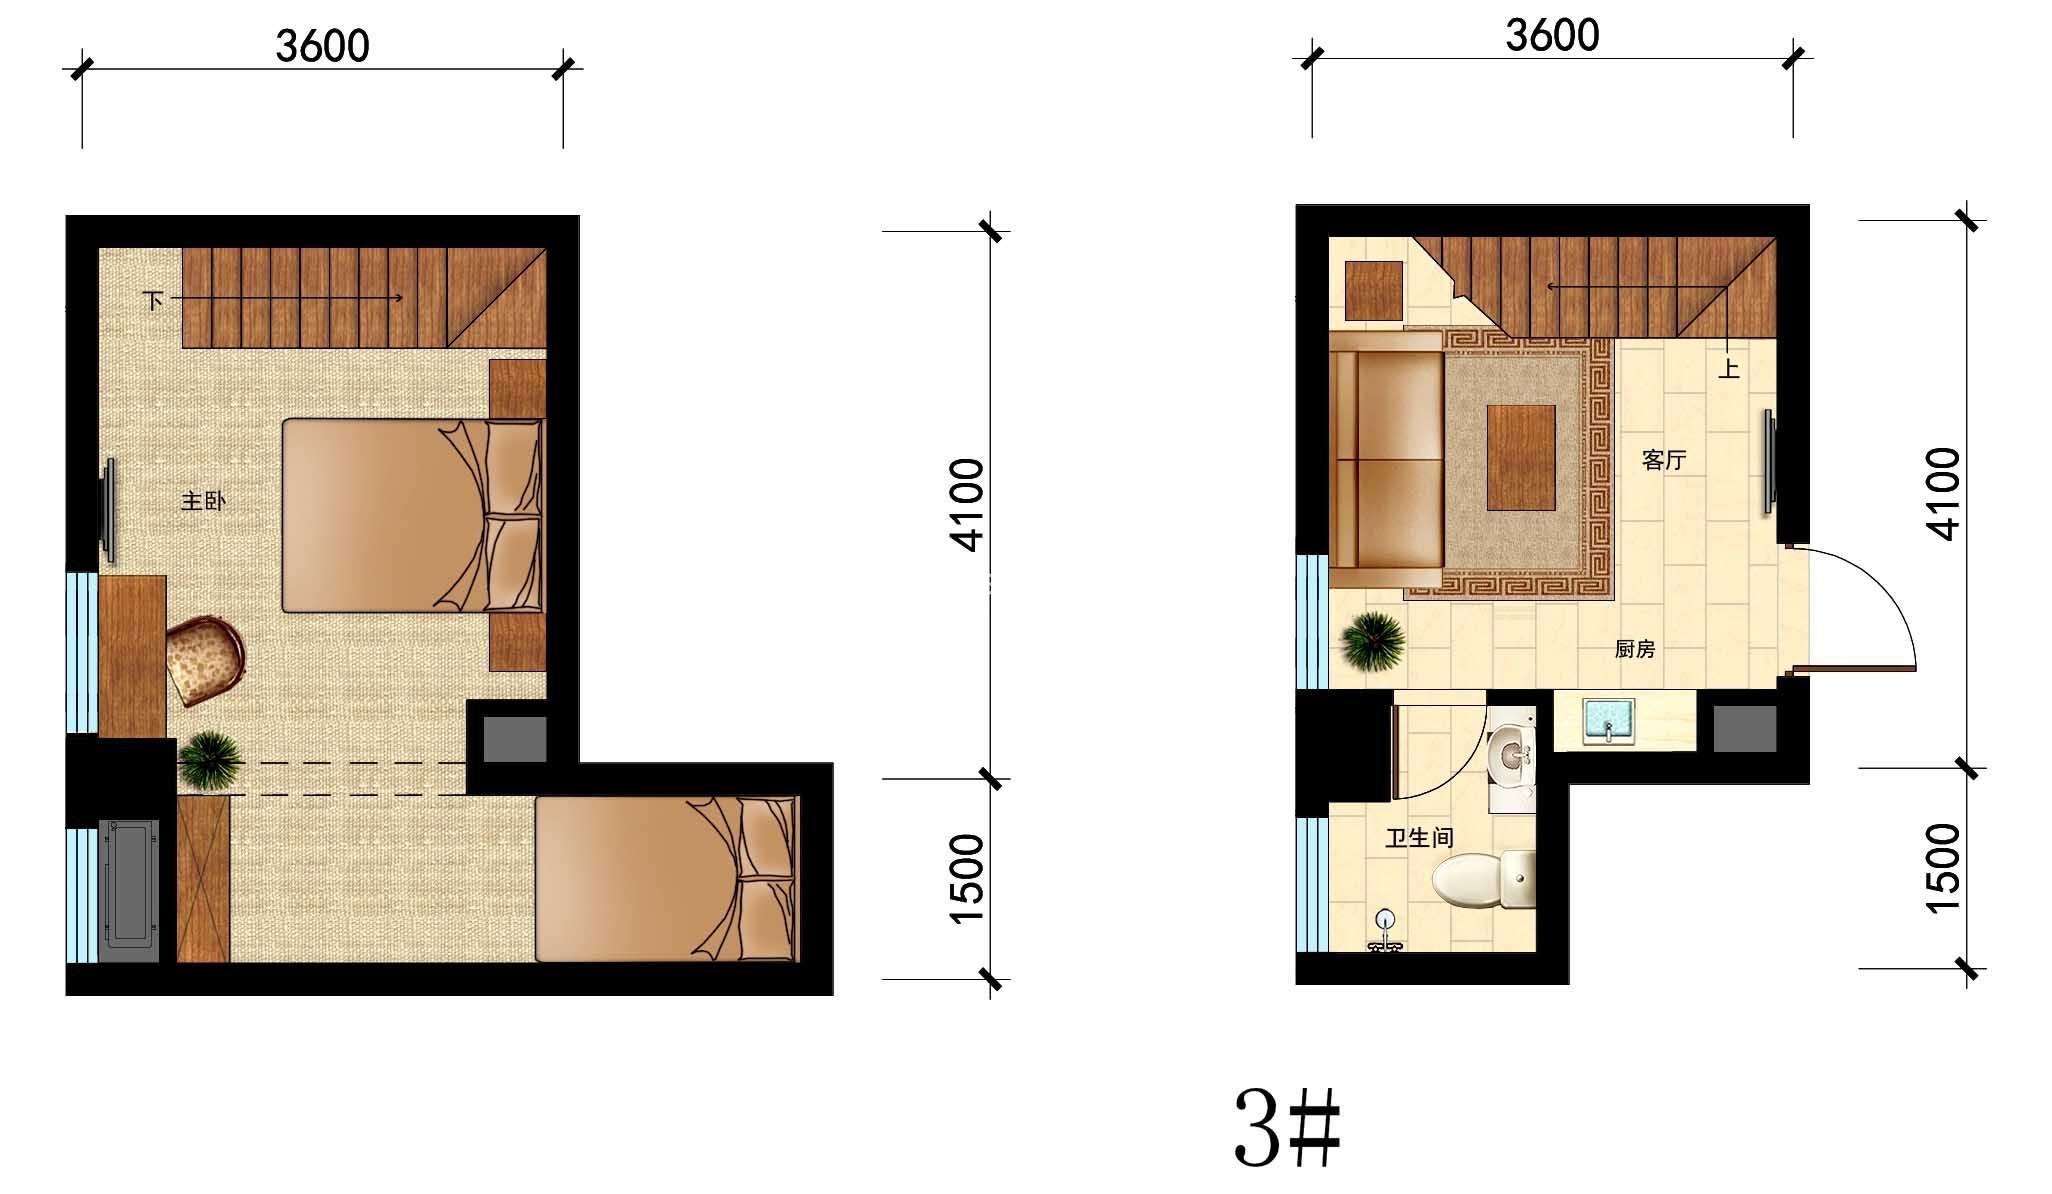 国瑞中心3#户型,25㎡,1室1厅1厨1卫